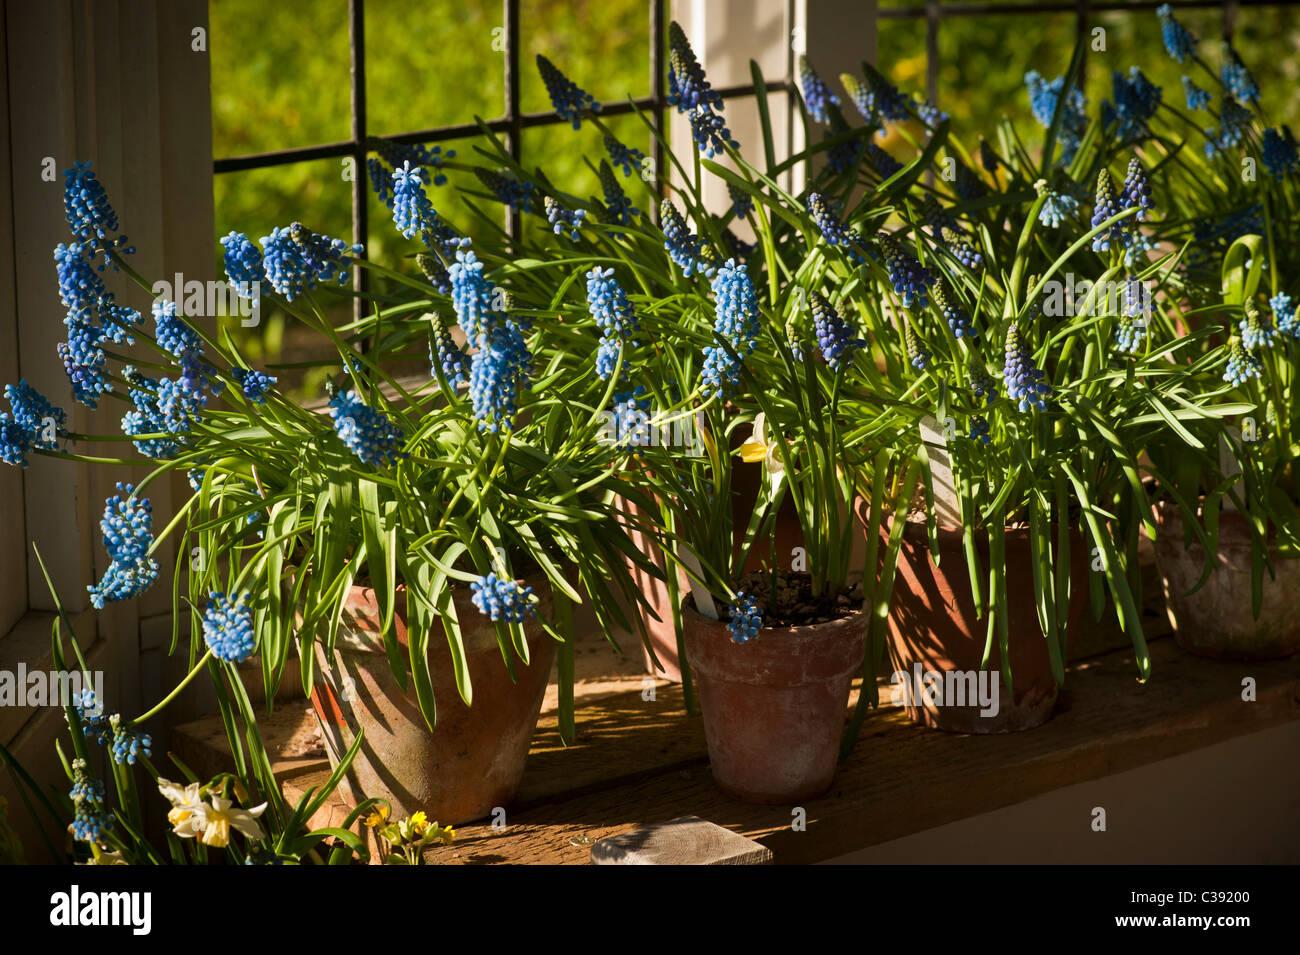 Potted Grape Hyacinths on windowsill - Stock Image